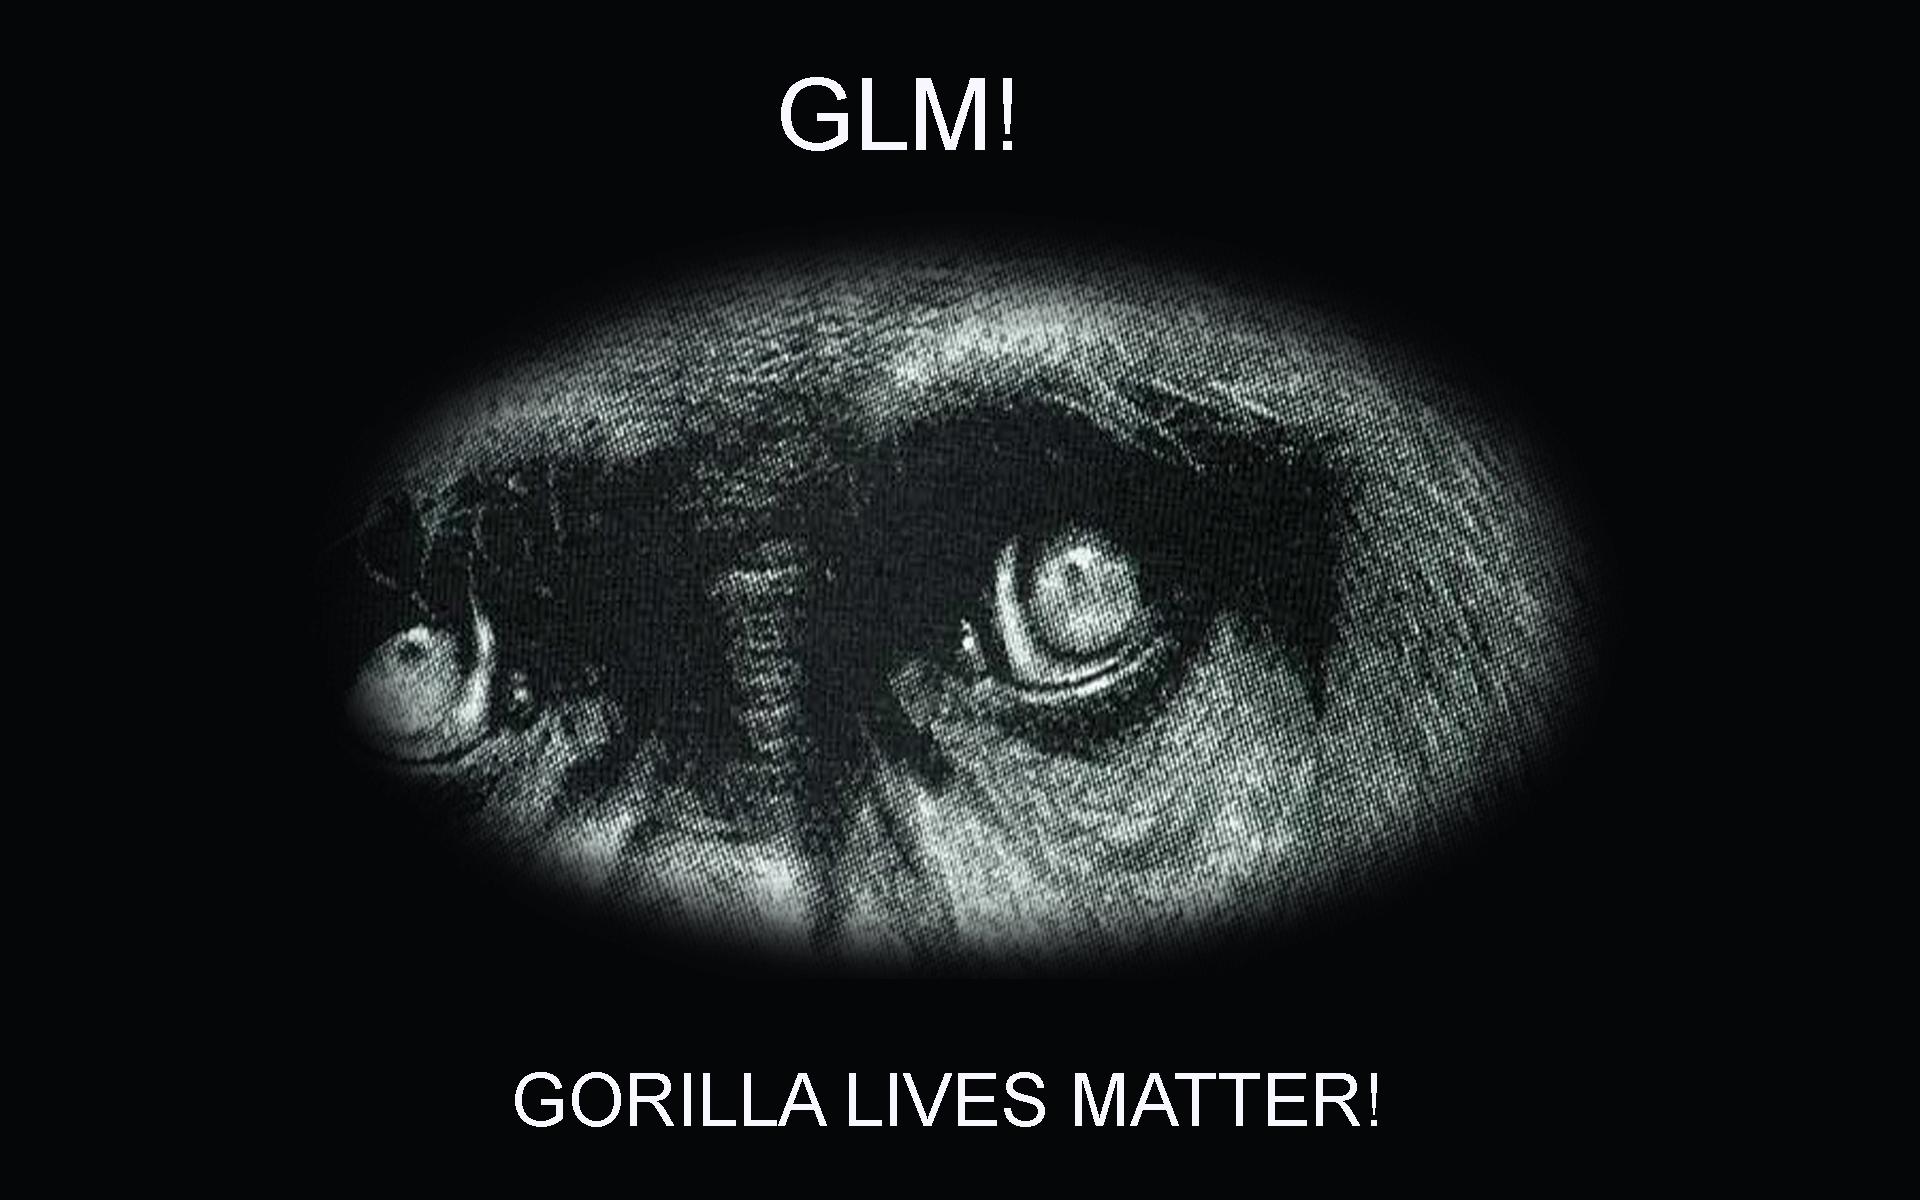 Funny Computer Backgrounds Meme : Glm gorilla lives matter funny desktop computer wallpaper